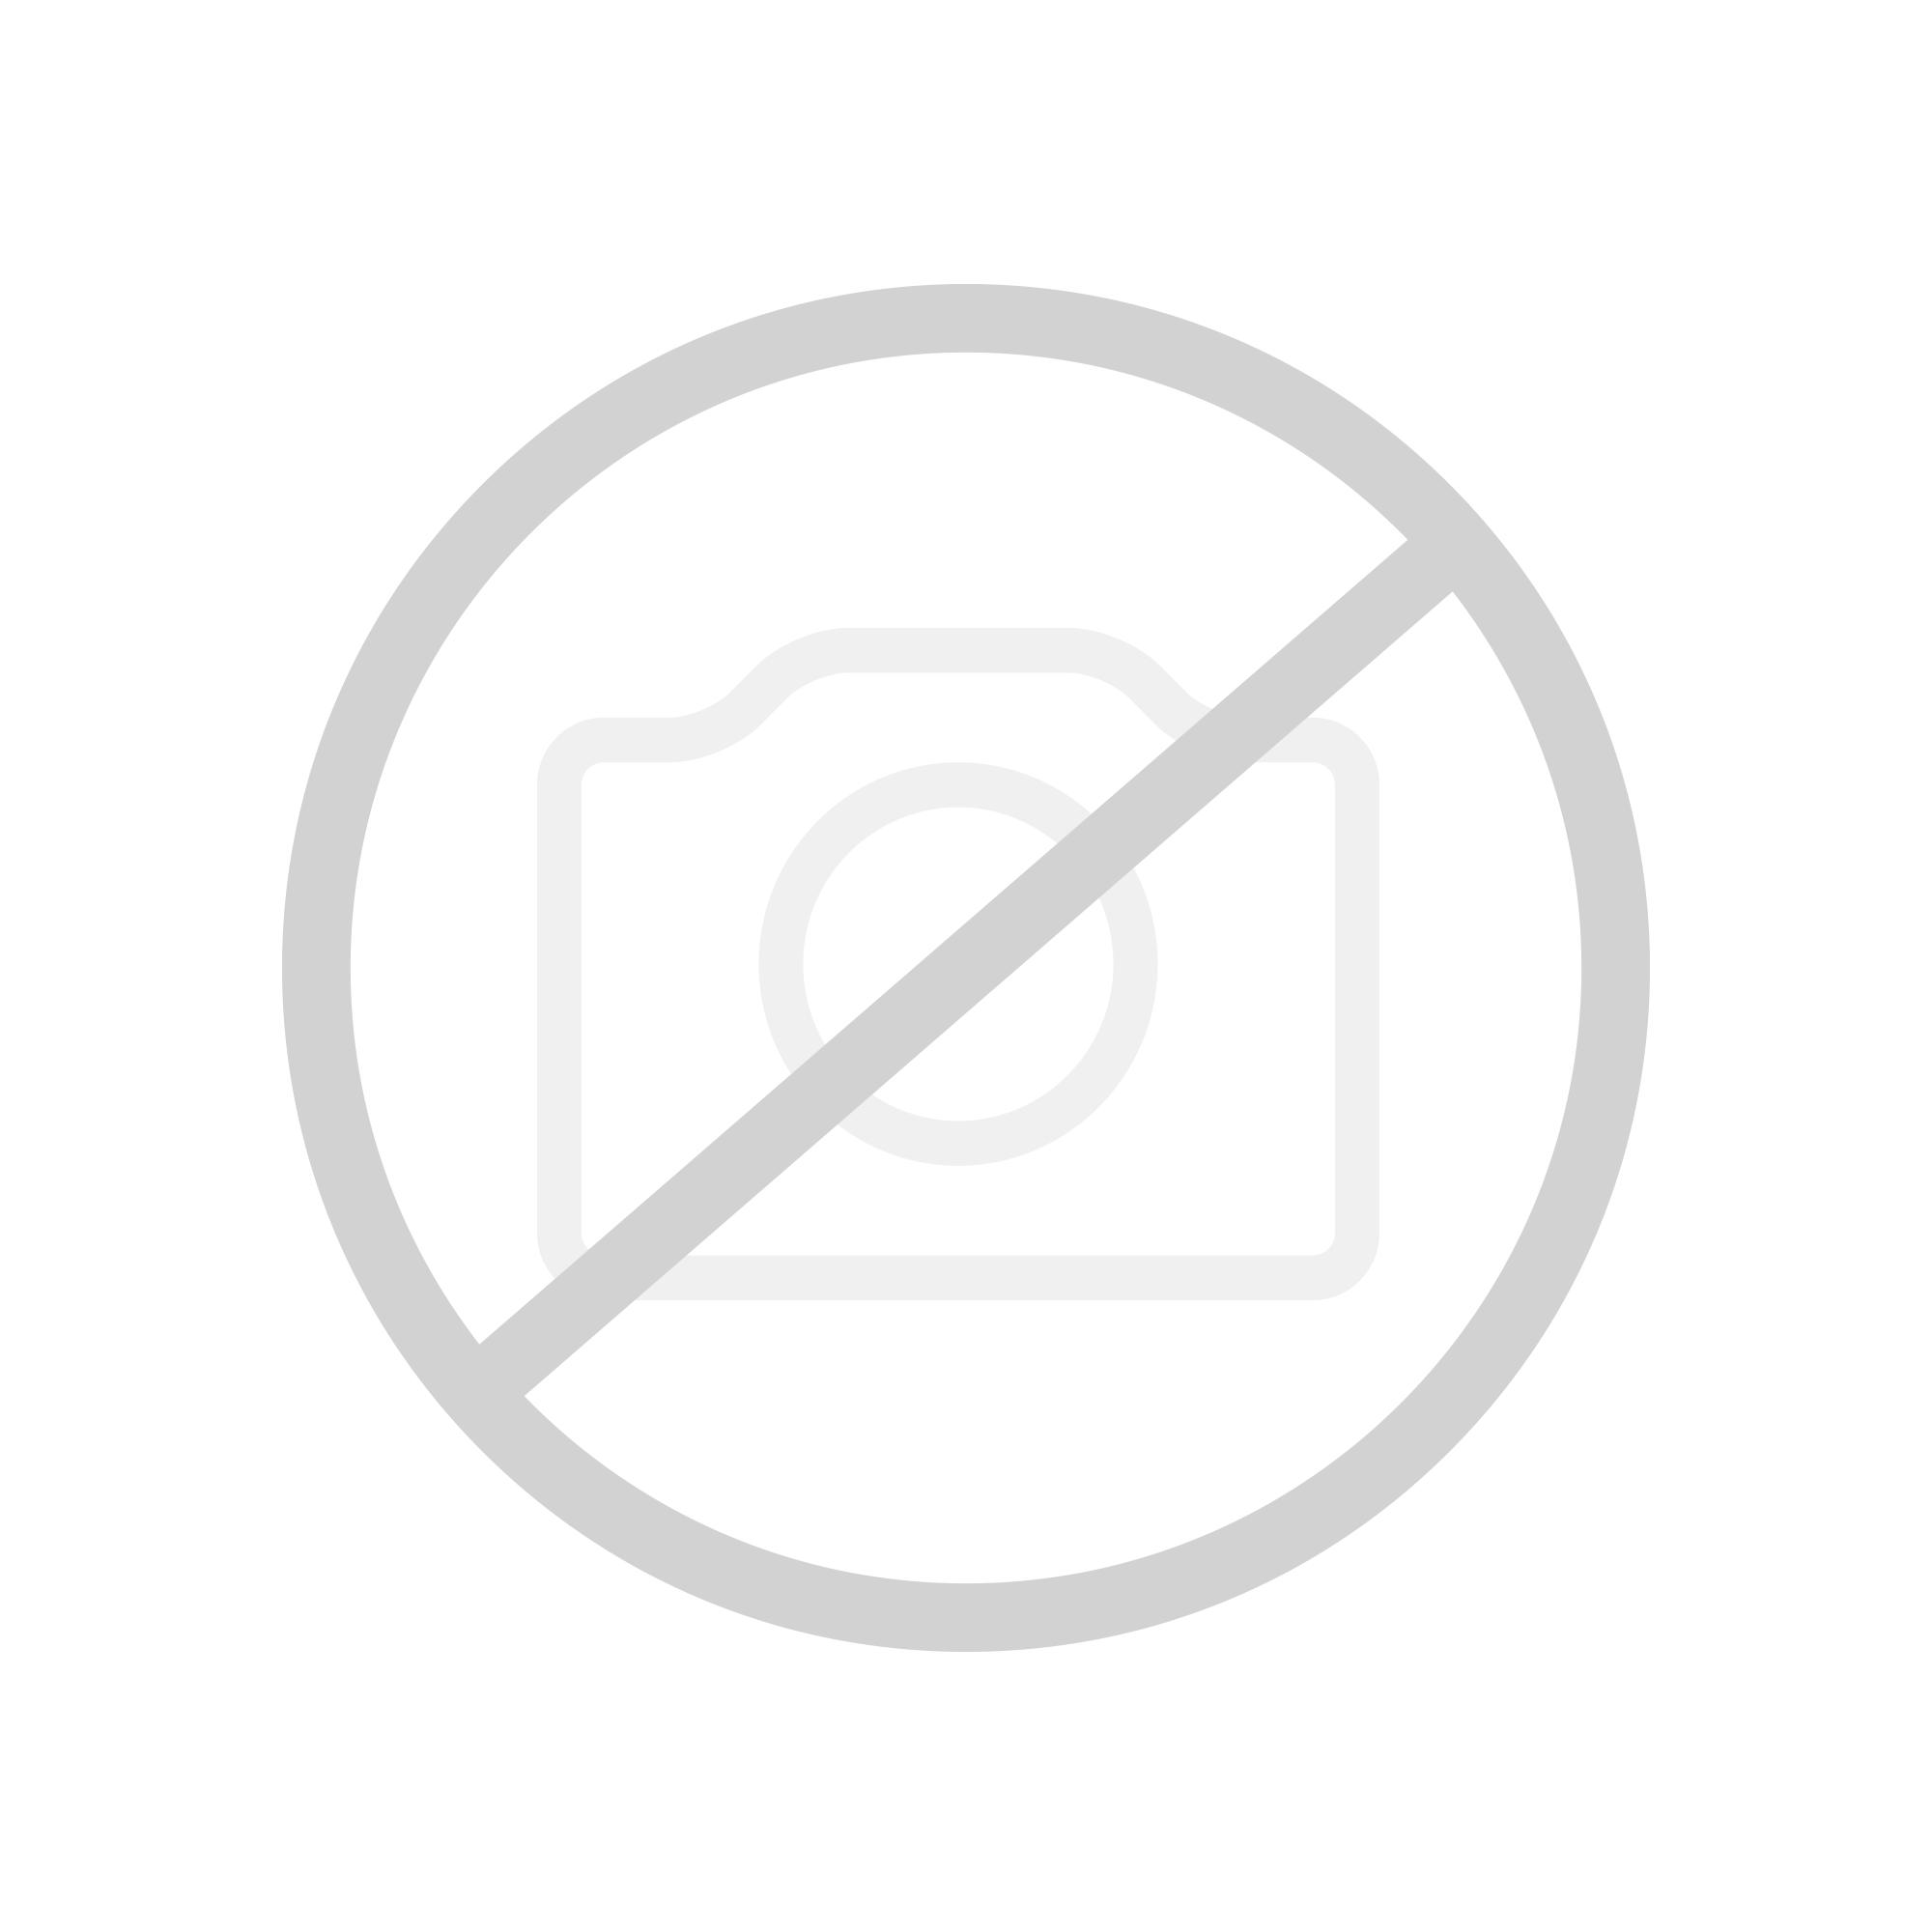 Hansgrohe PuraVida Einhebel-Waschtischmischer DN15 weiß/chrom